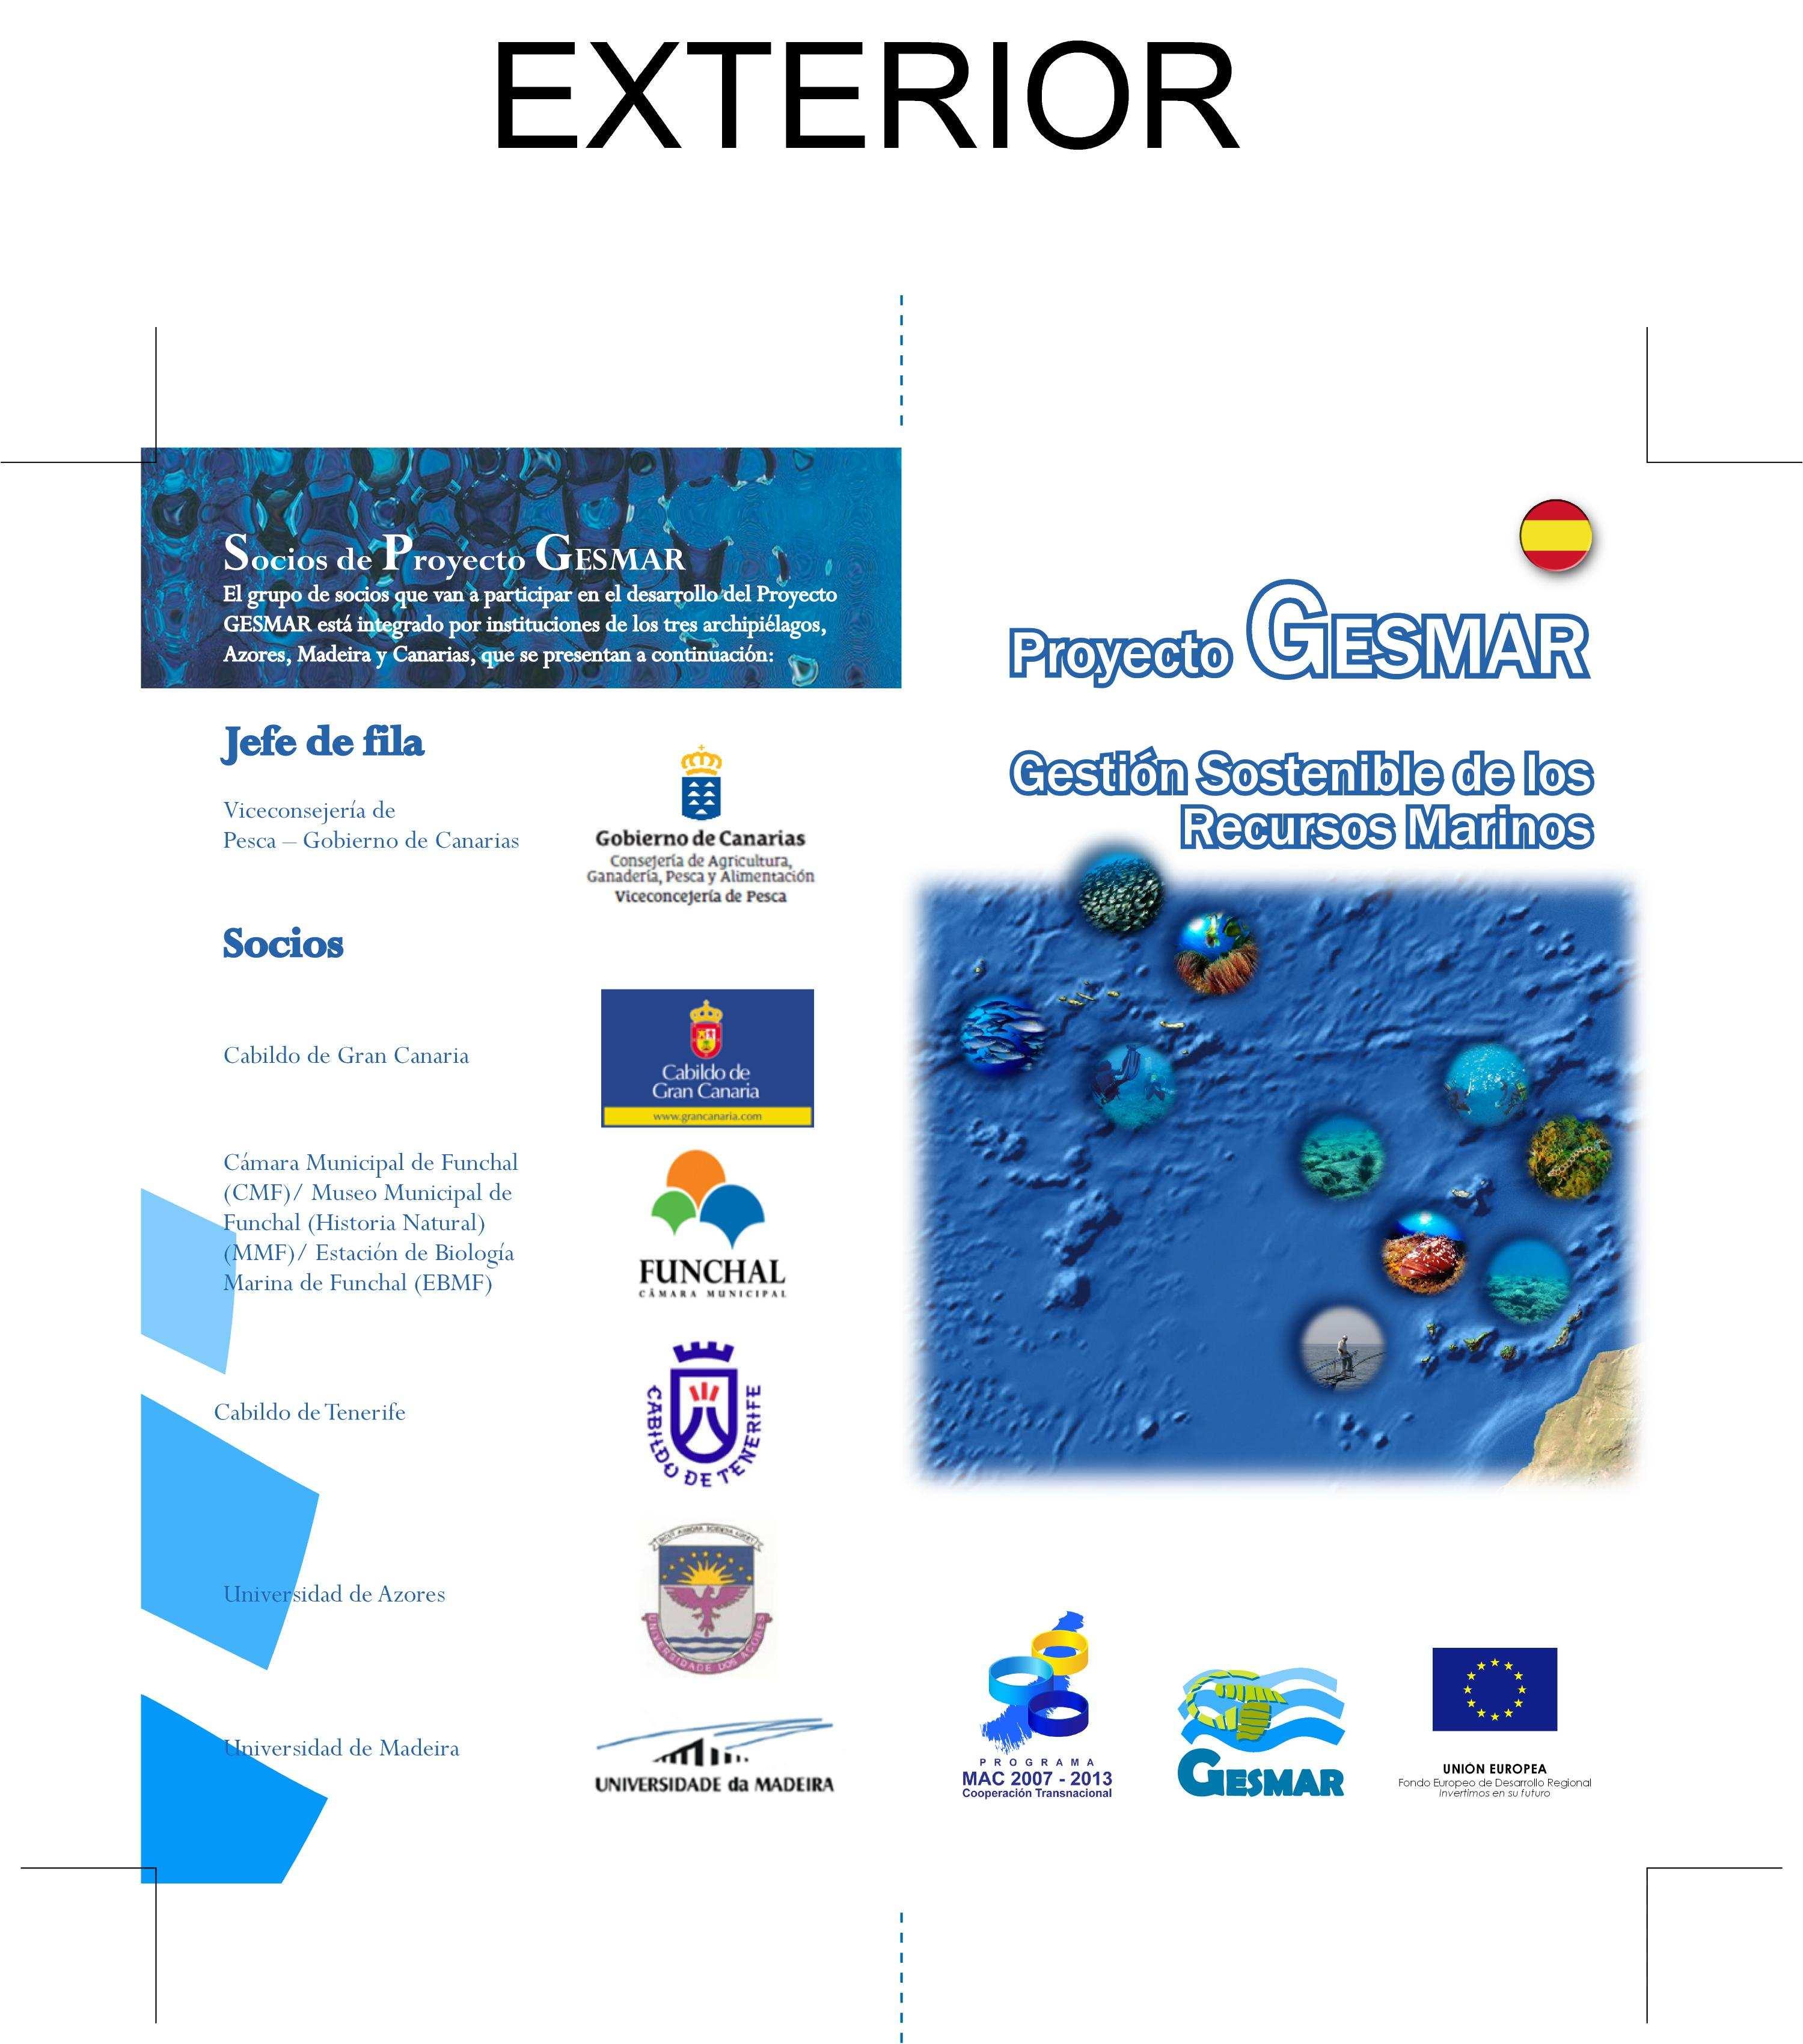 Gestión Sostenible de los Recursos marinos